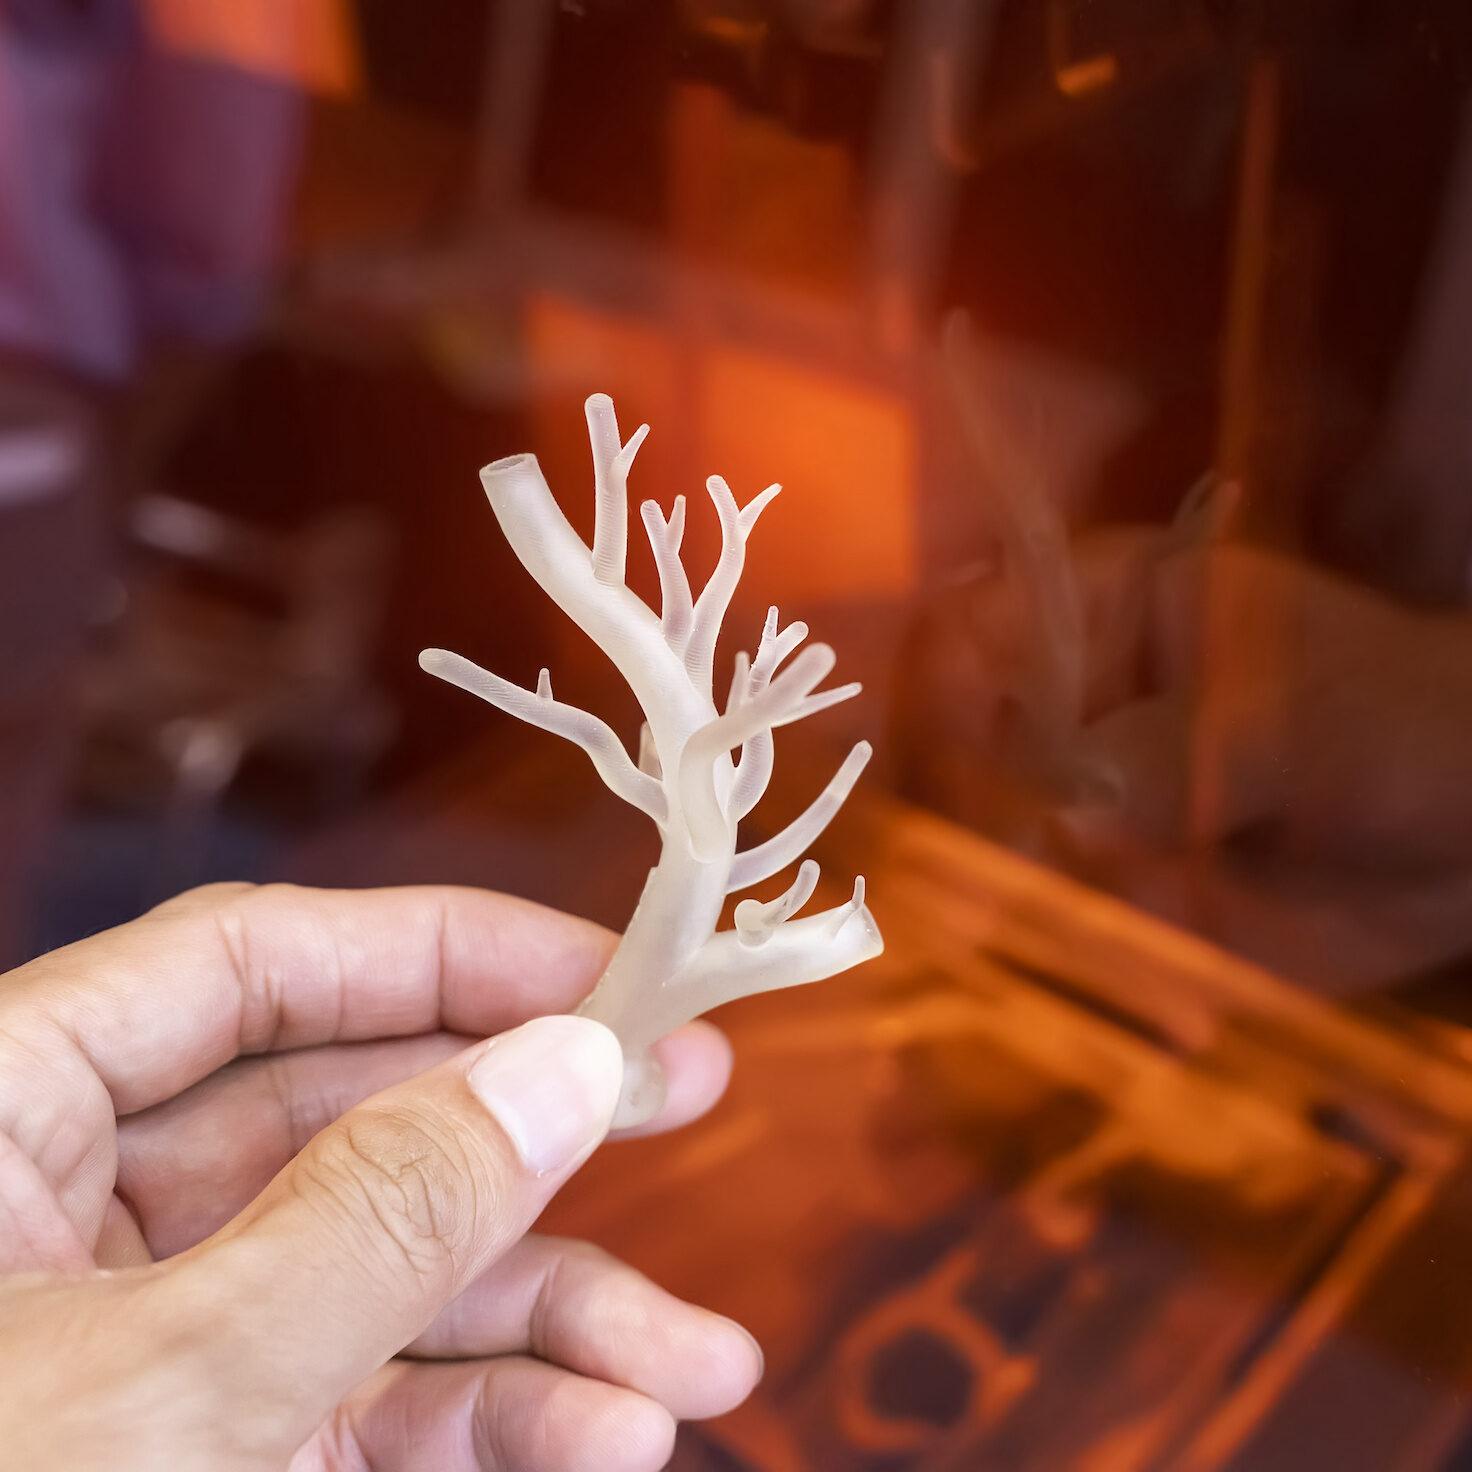 3D-printed blood vessels